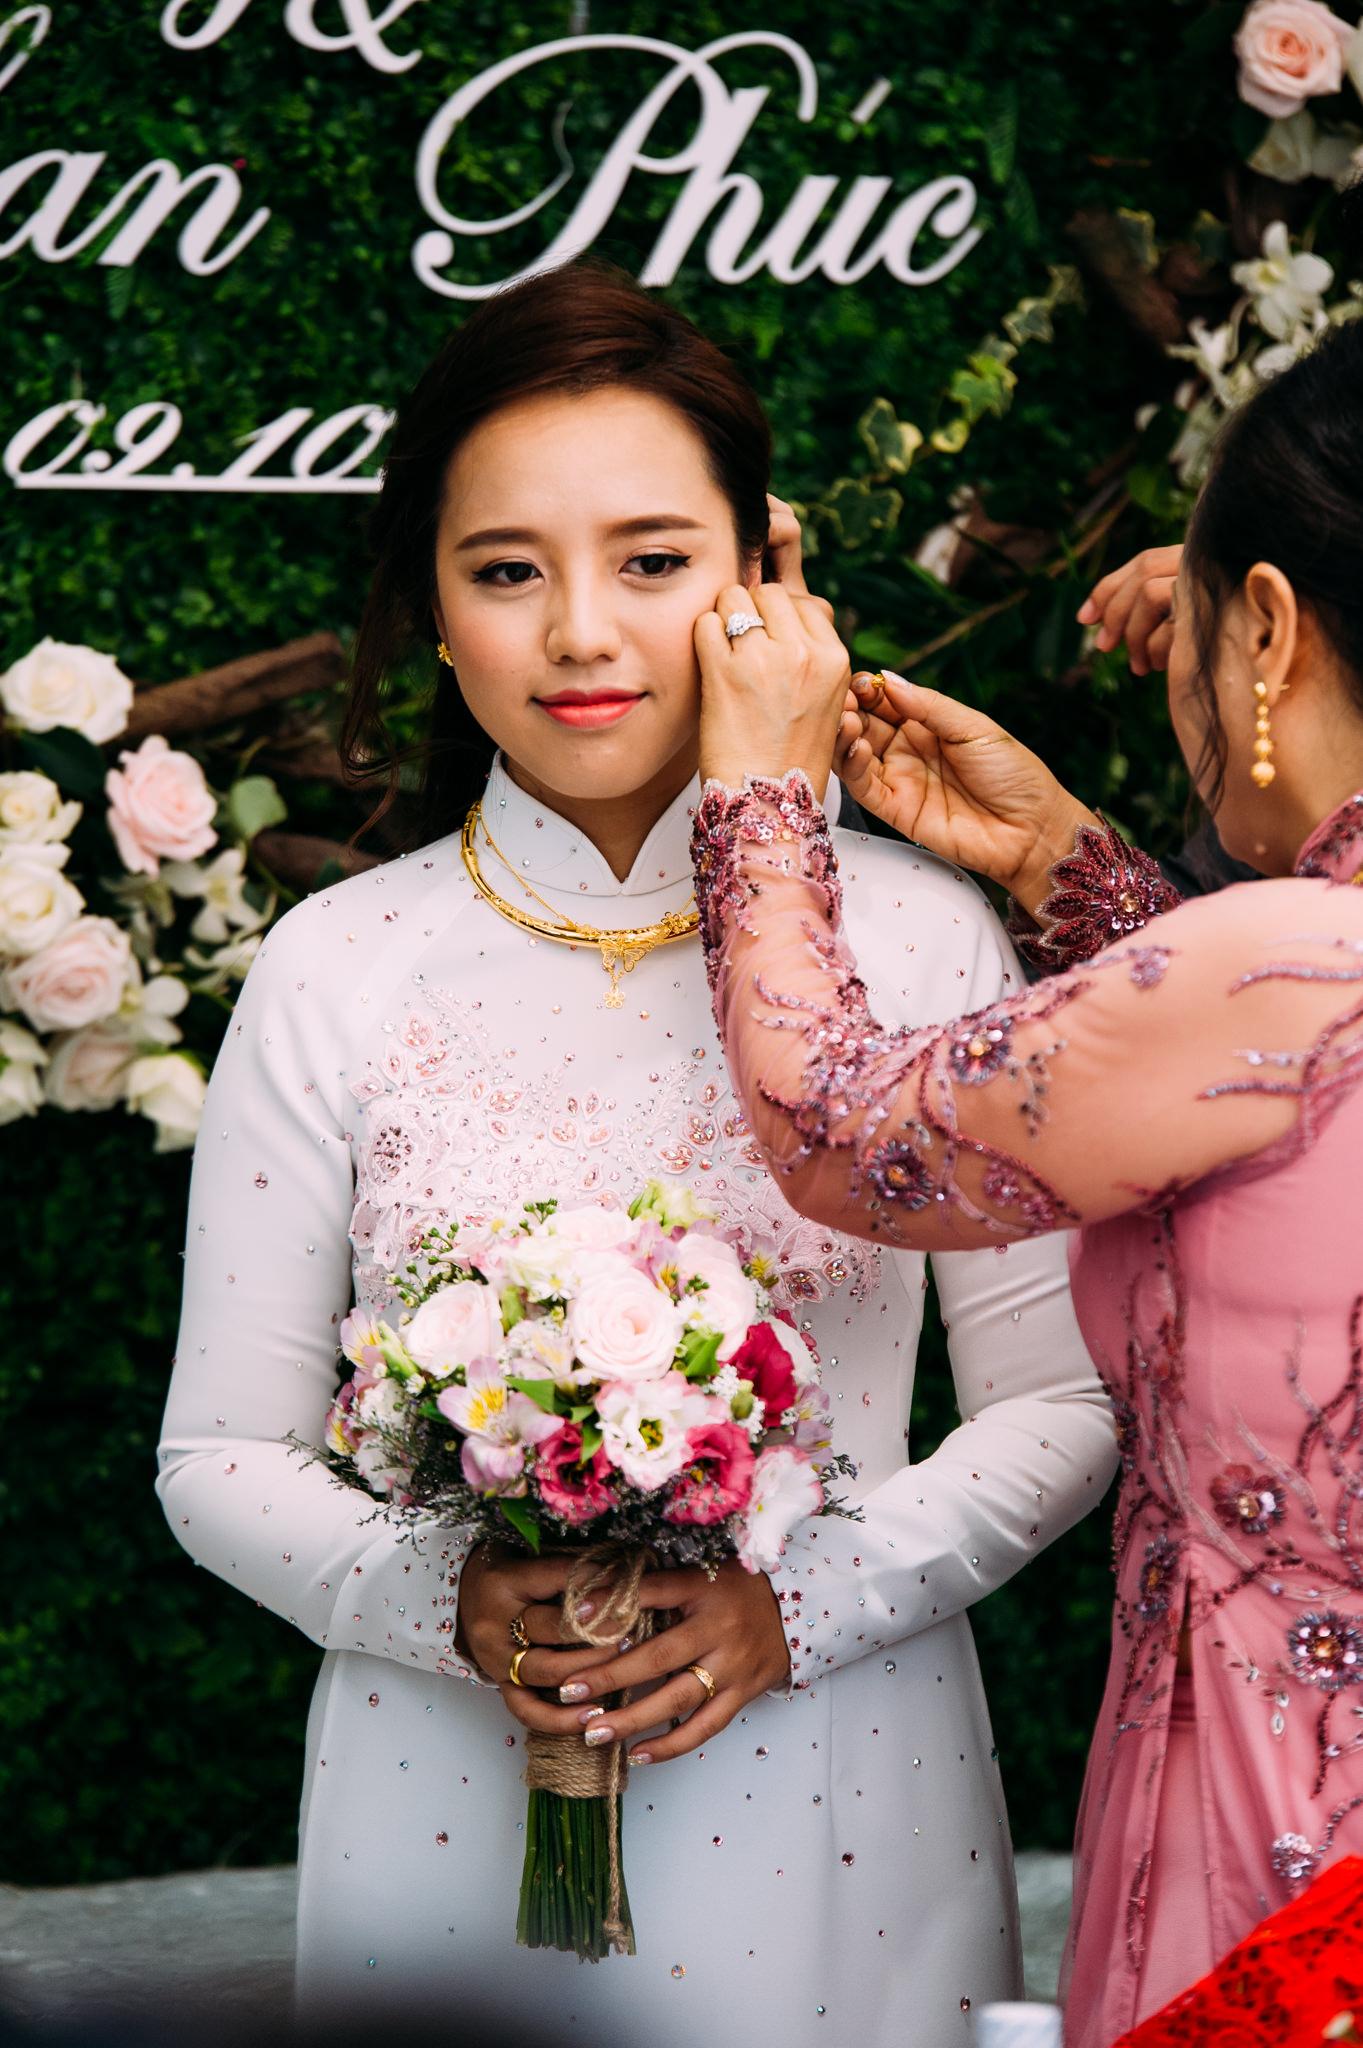 Phuc-Lan  cremony P3-48.jpg